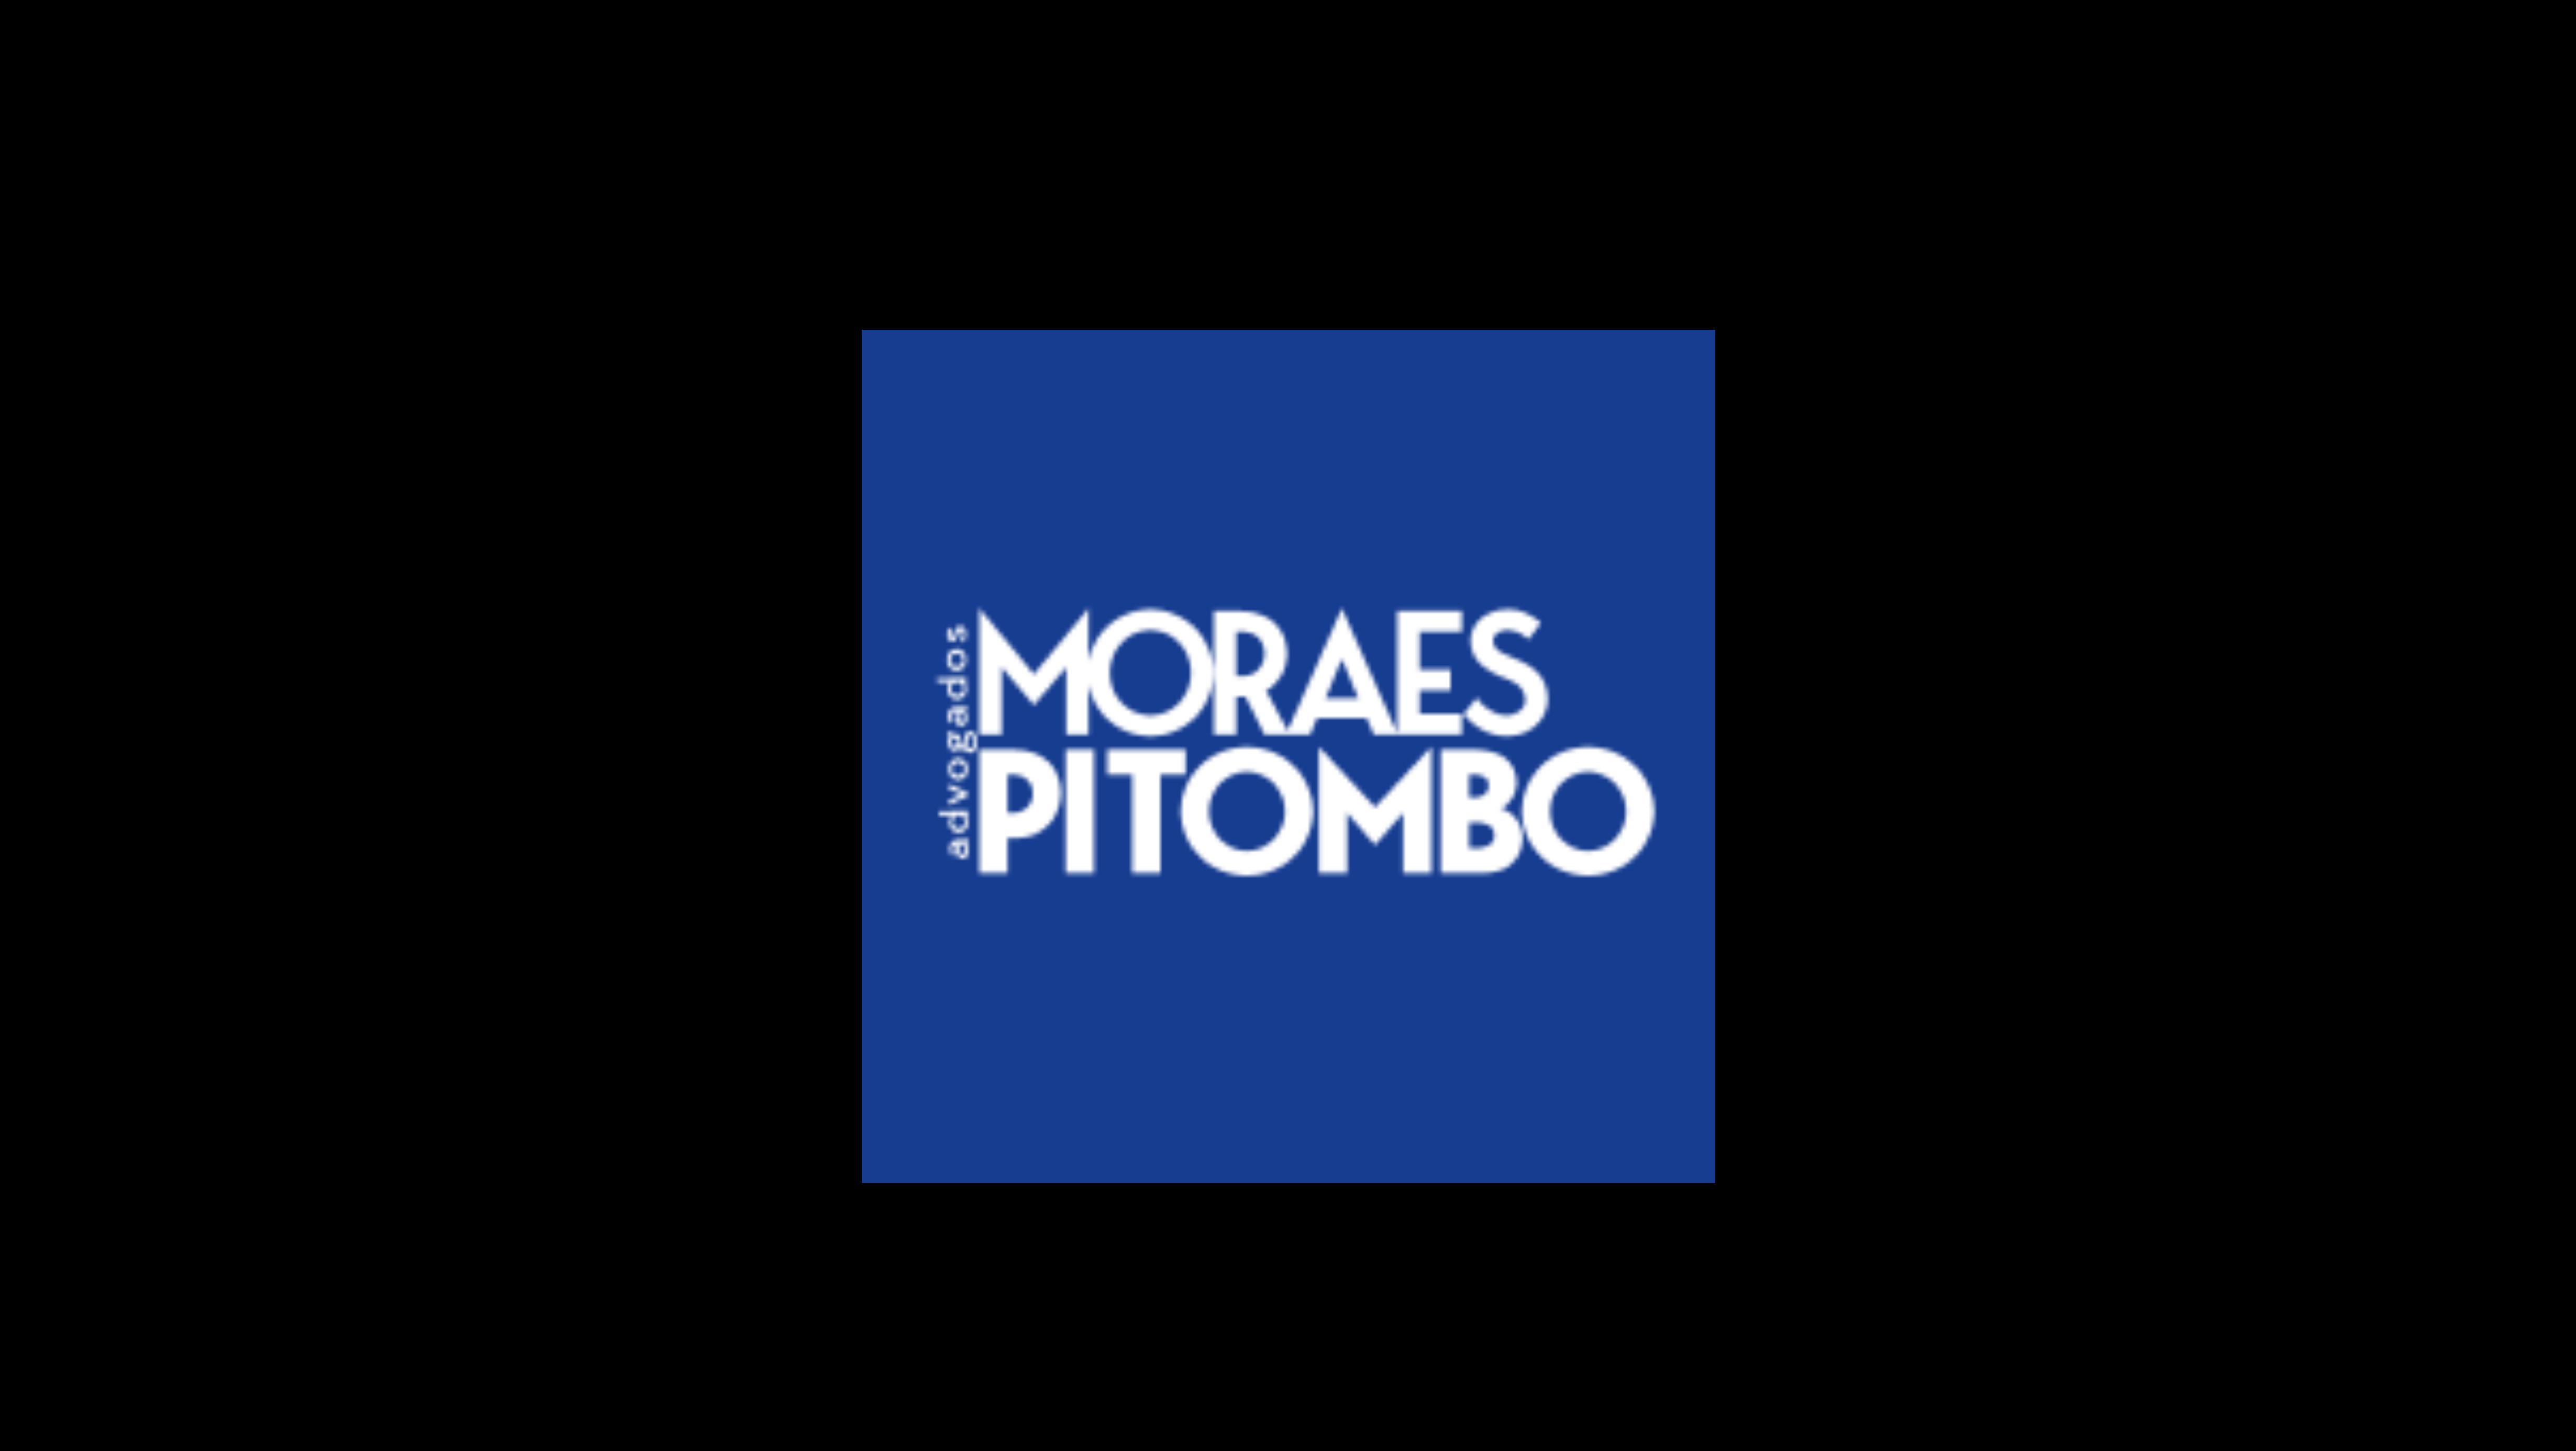 """Logotipo da empresa """"Moraes Pitombo Advogados"""". Trata-se de um logo na forma de um quadrado na cor azul, com as palavras """"Moraes Pitombo Advogados"""" escritas dentro desse quadrado."""